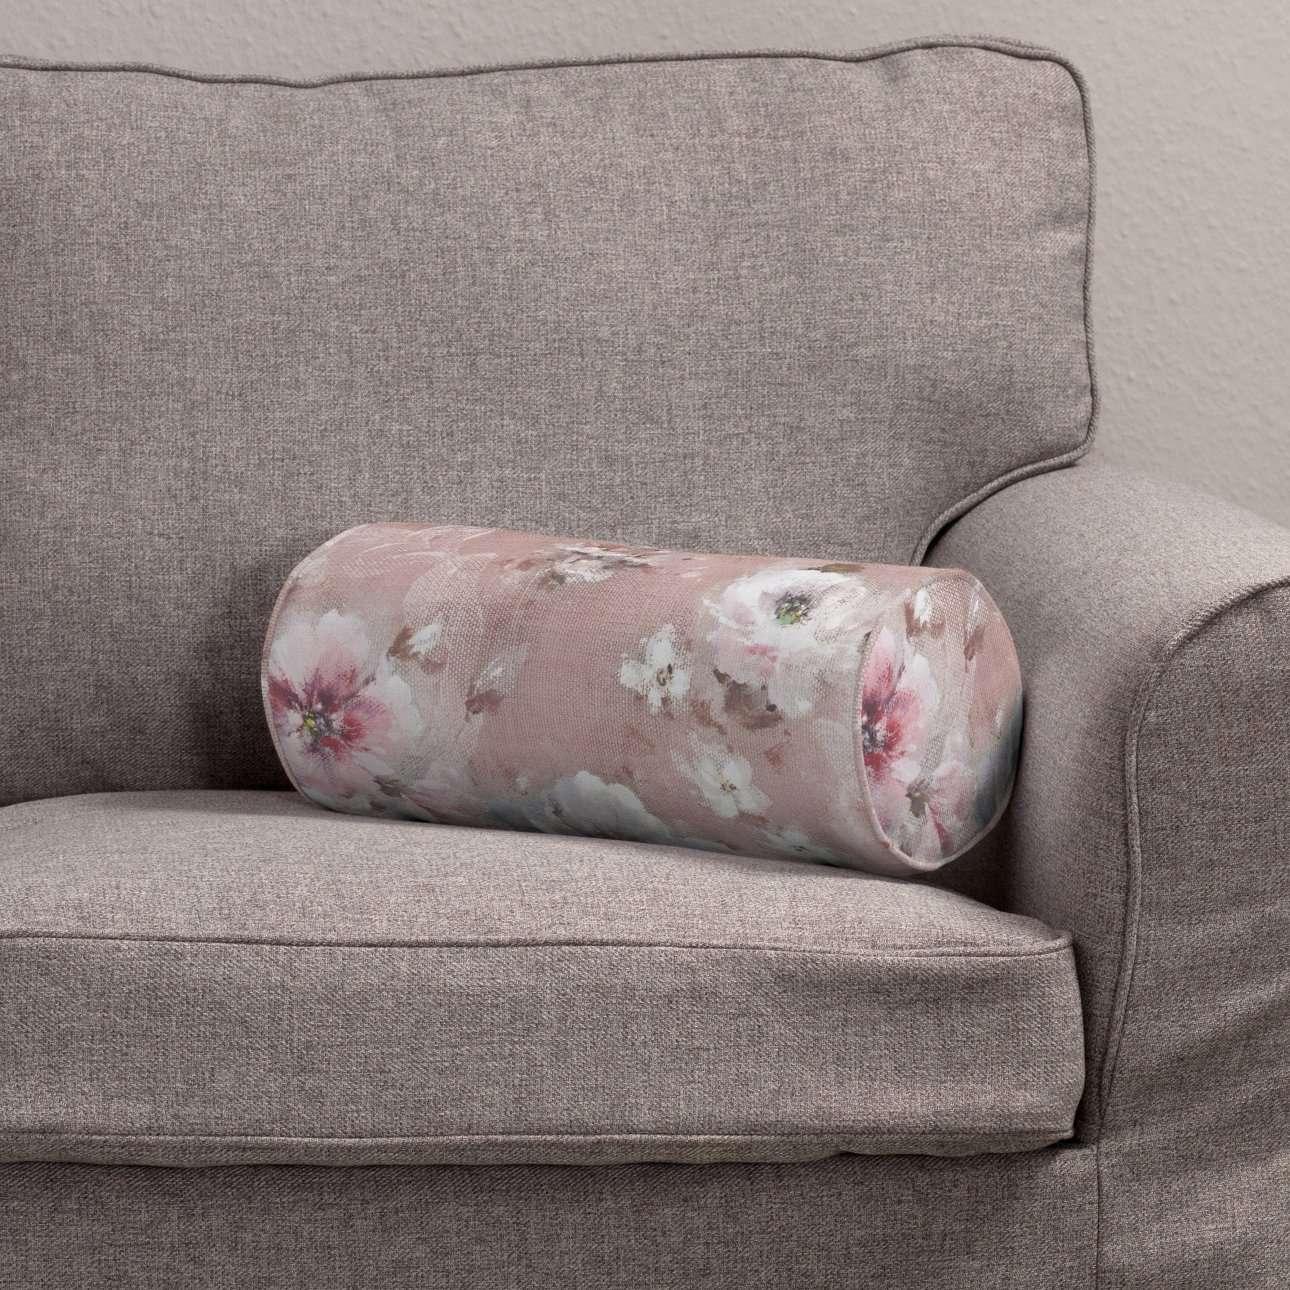 Valček jednoduchý V kolekcii Monet, tkanina: 137-83